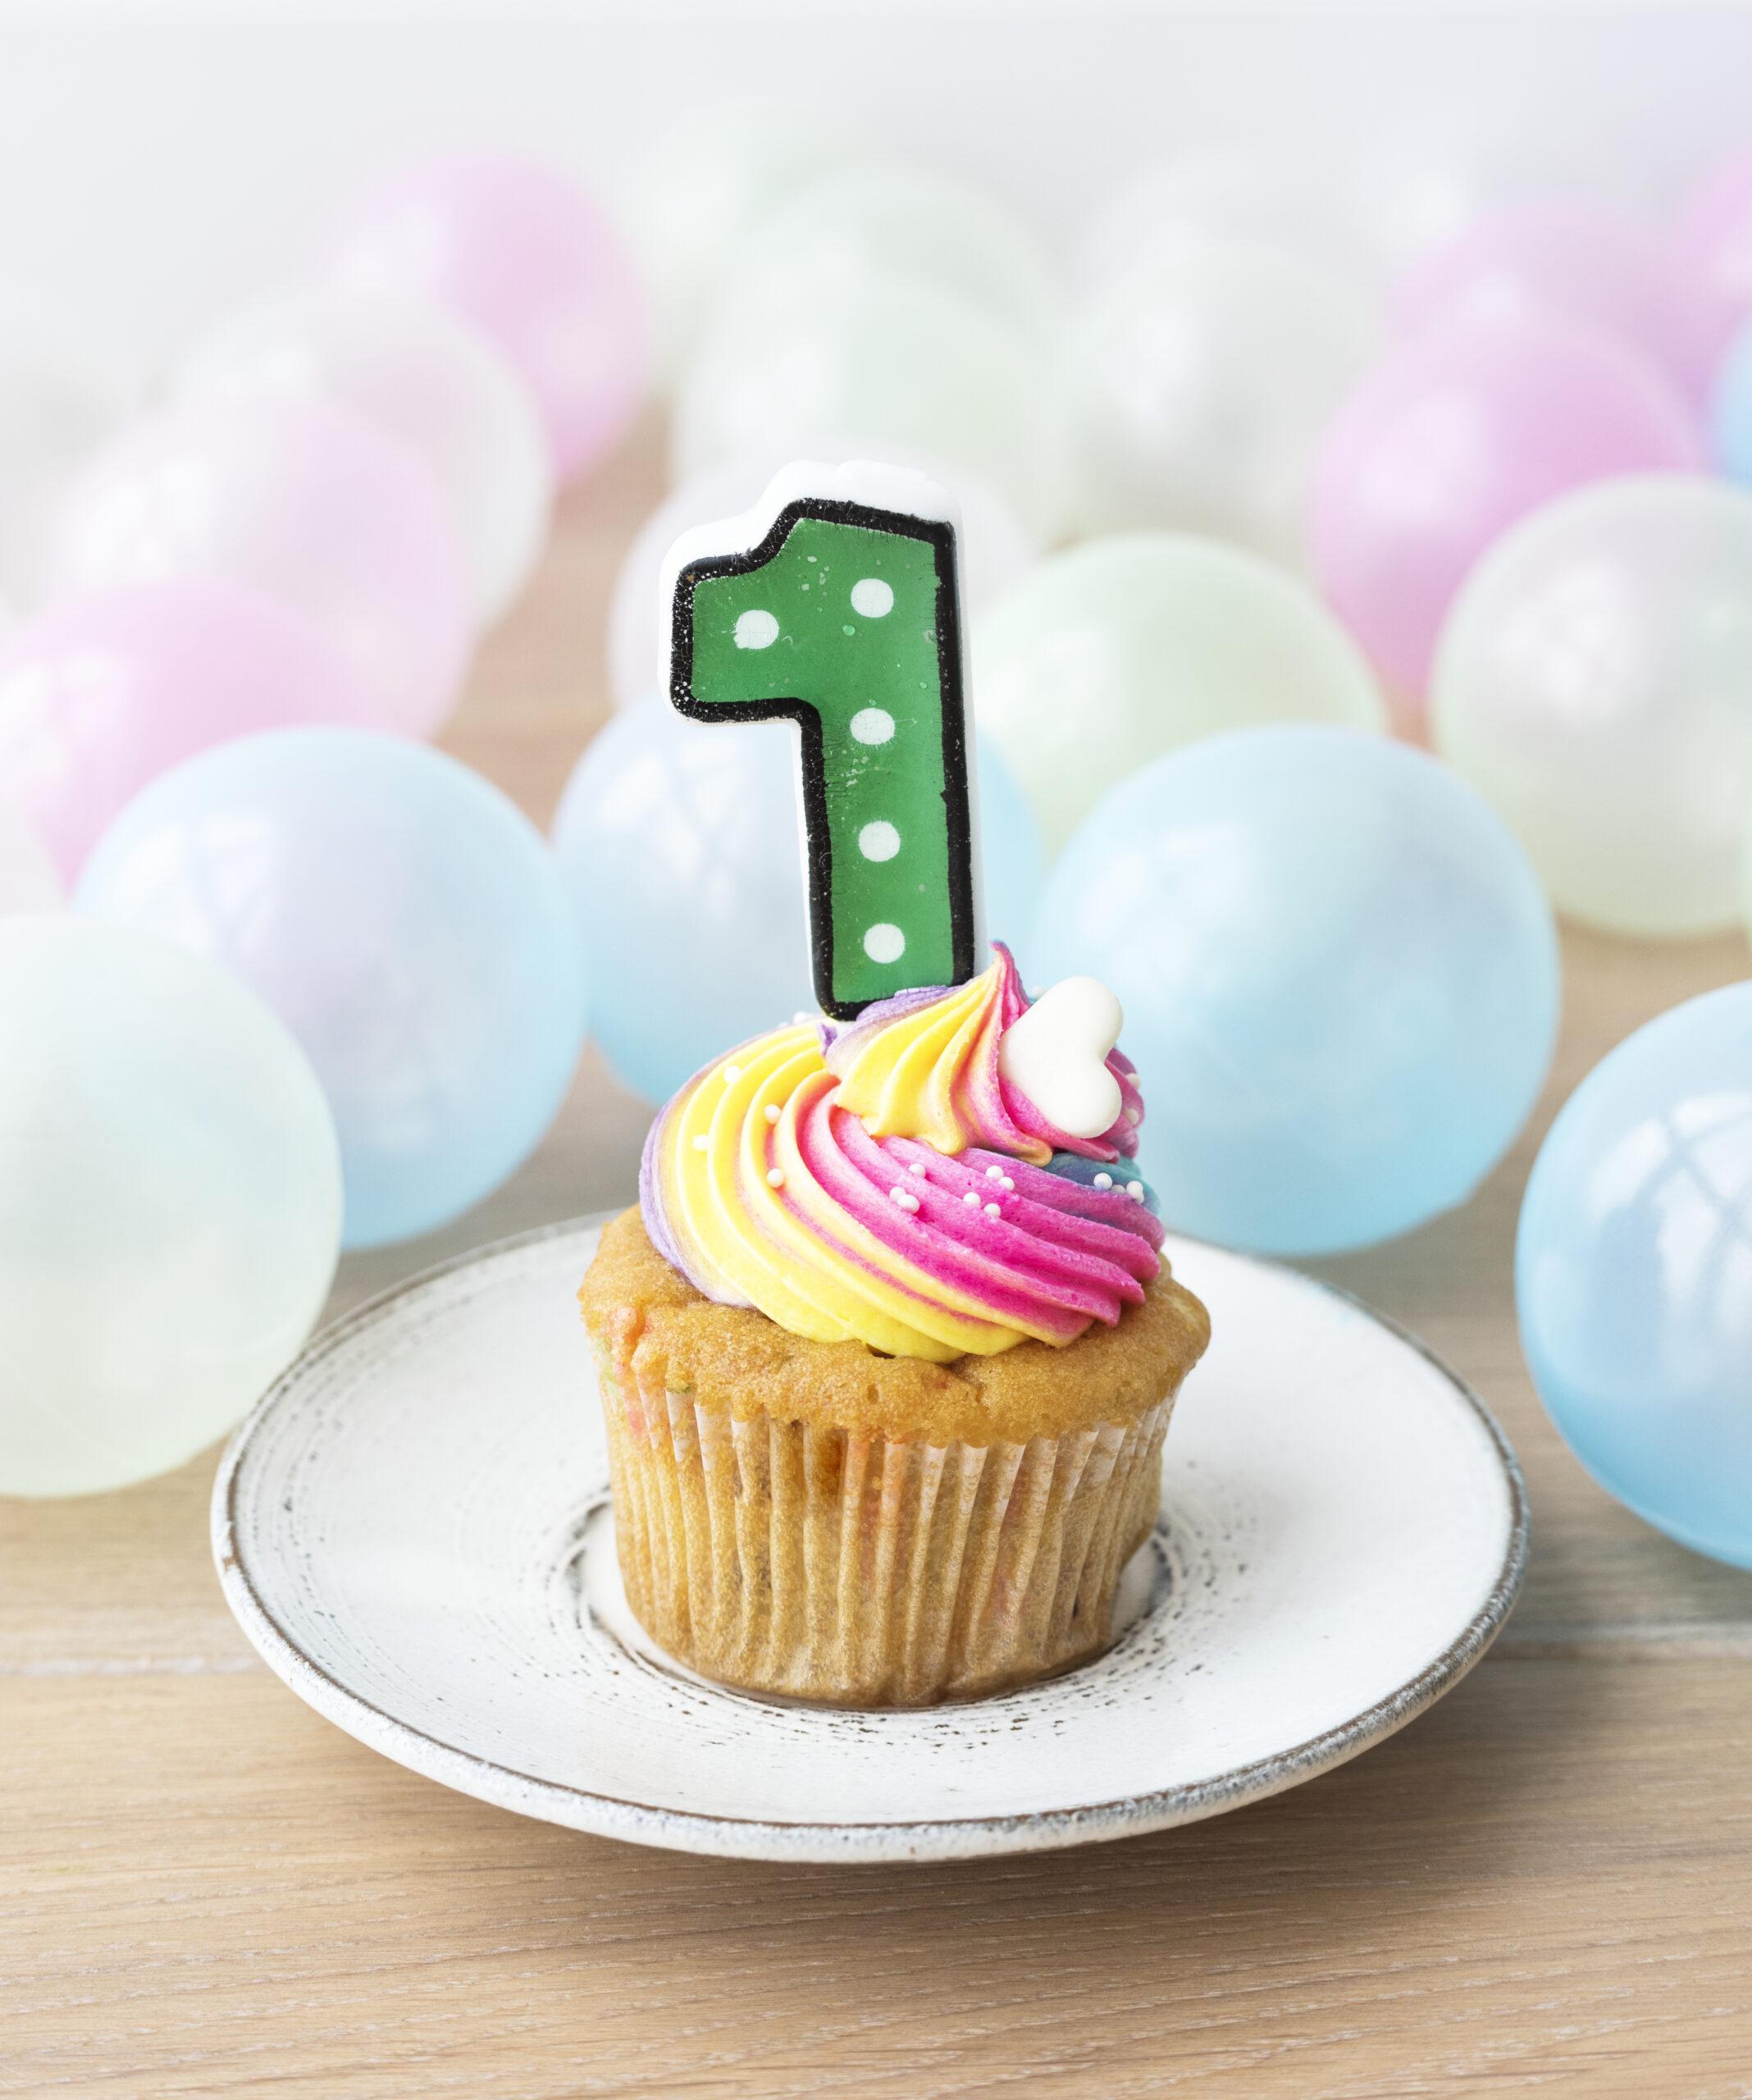 Compleanno foto creata da rawpixel.com - it.freepik.com